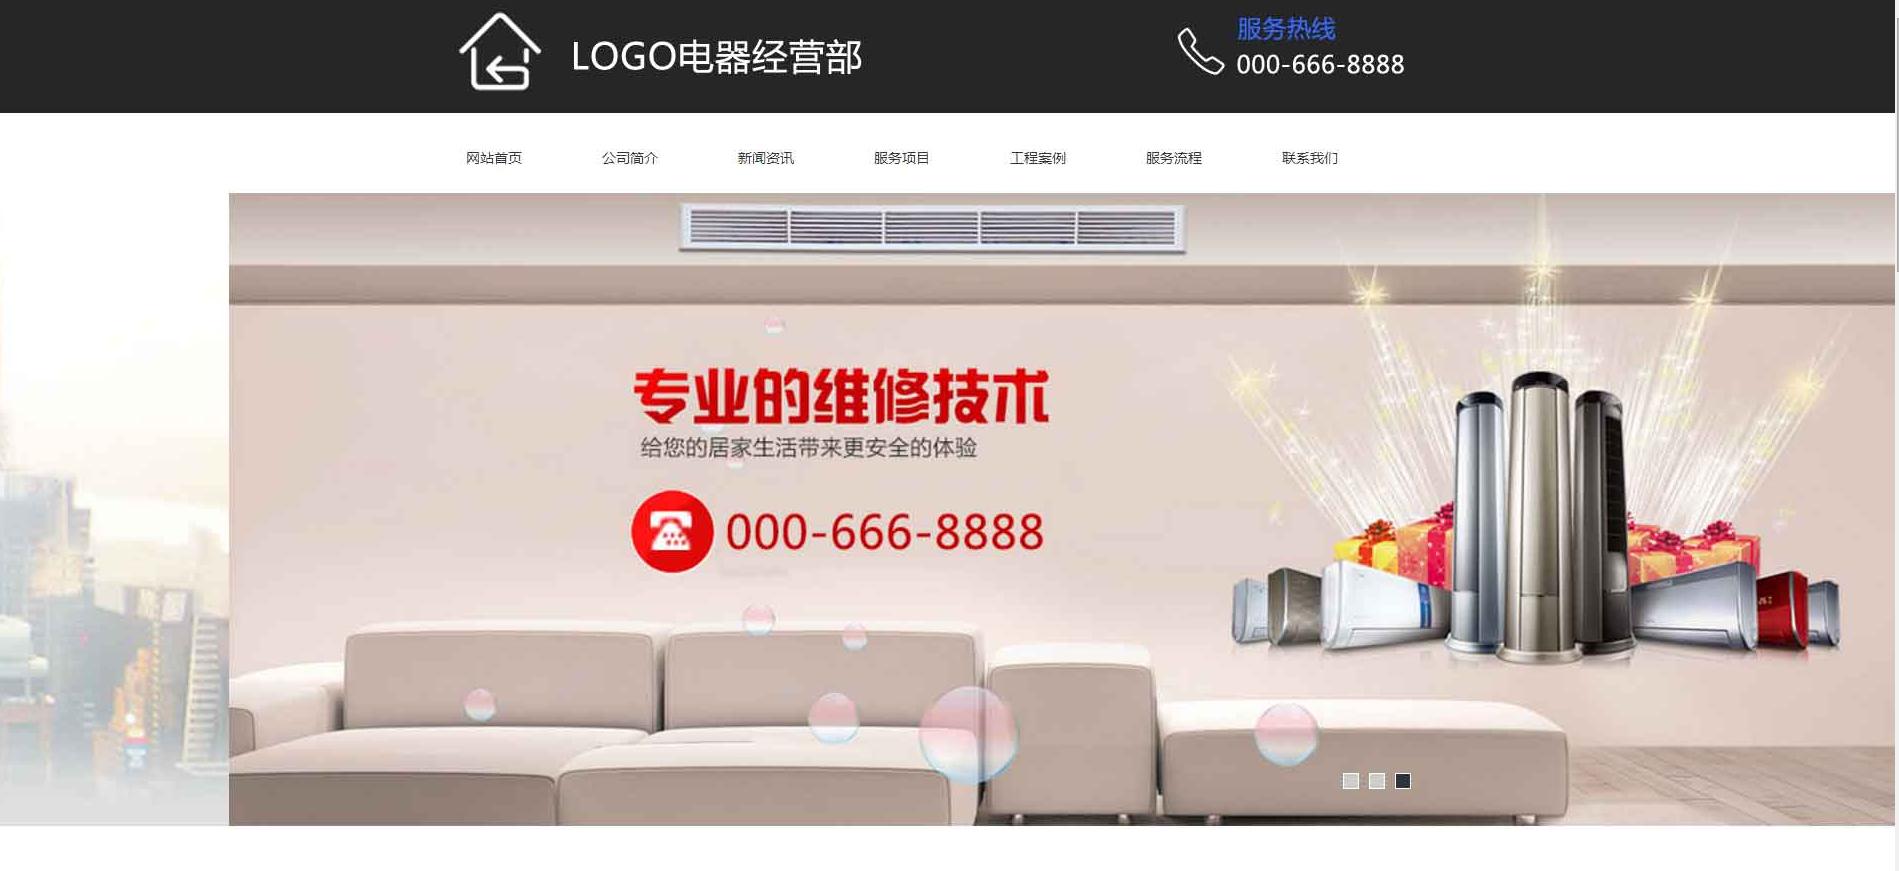 家電行業網站